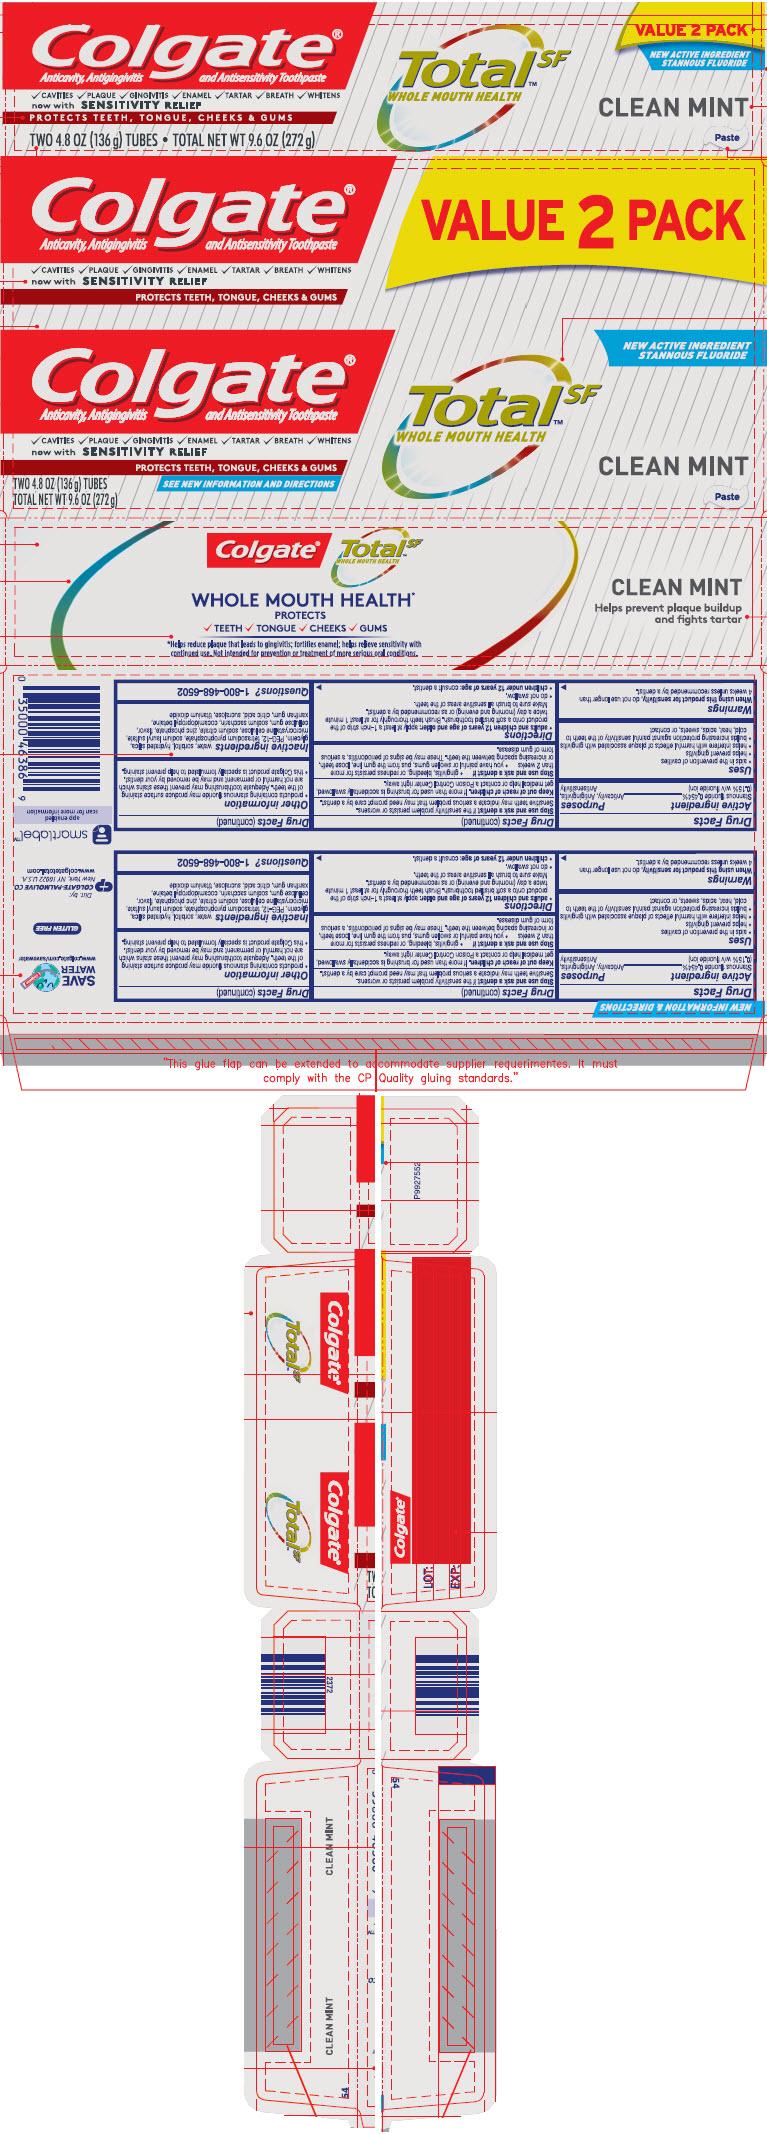 PRINCIPAL DISPLAY PANEL - 2 Tube Carton